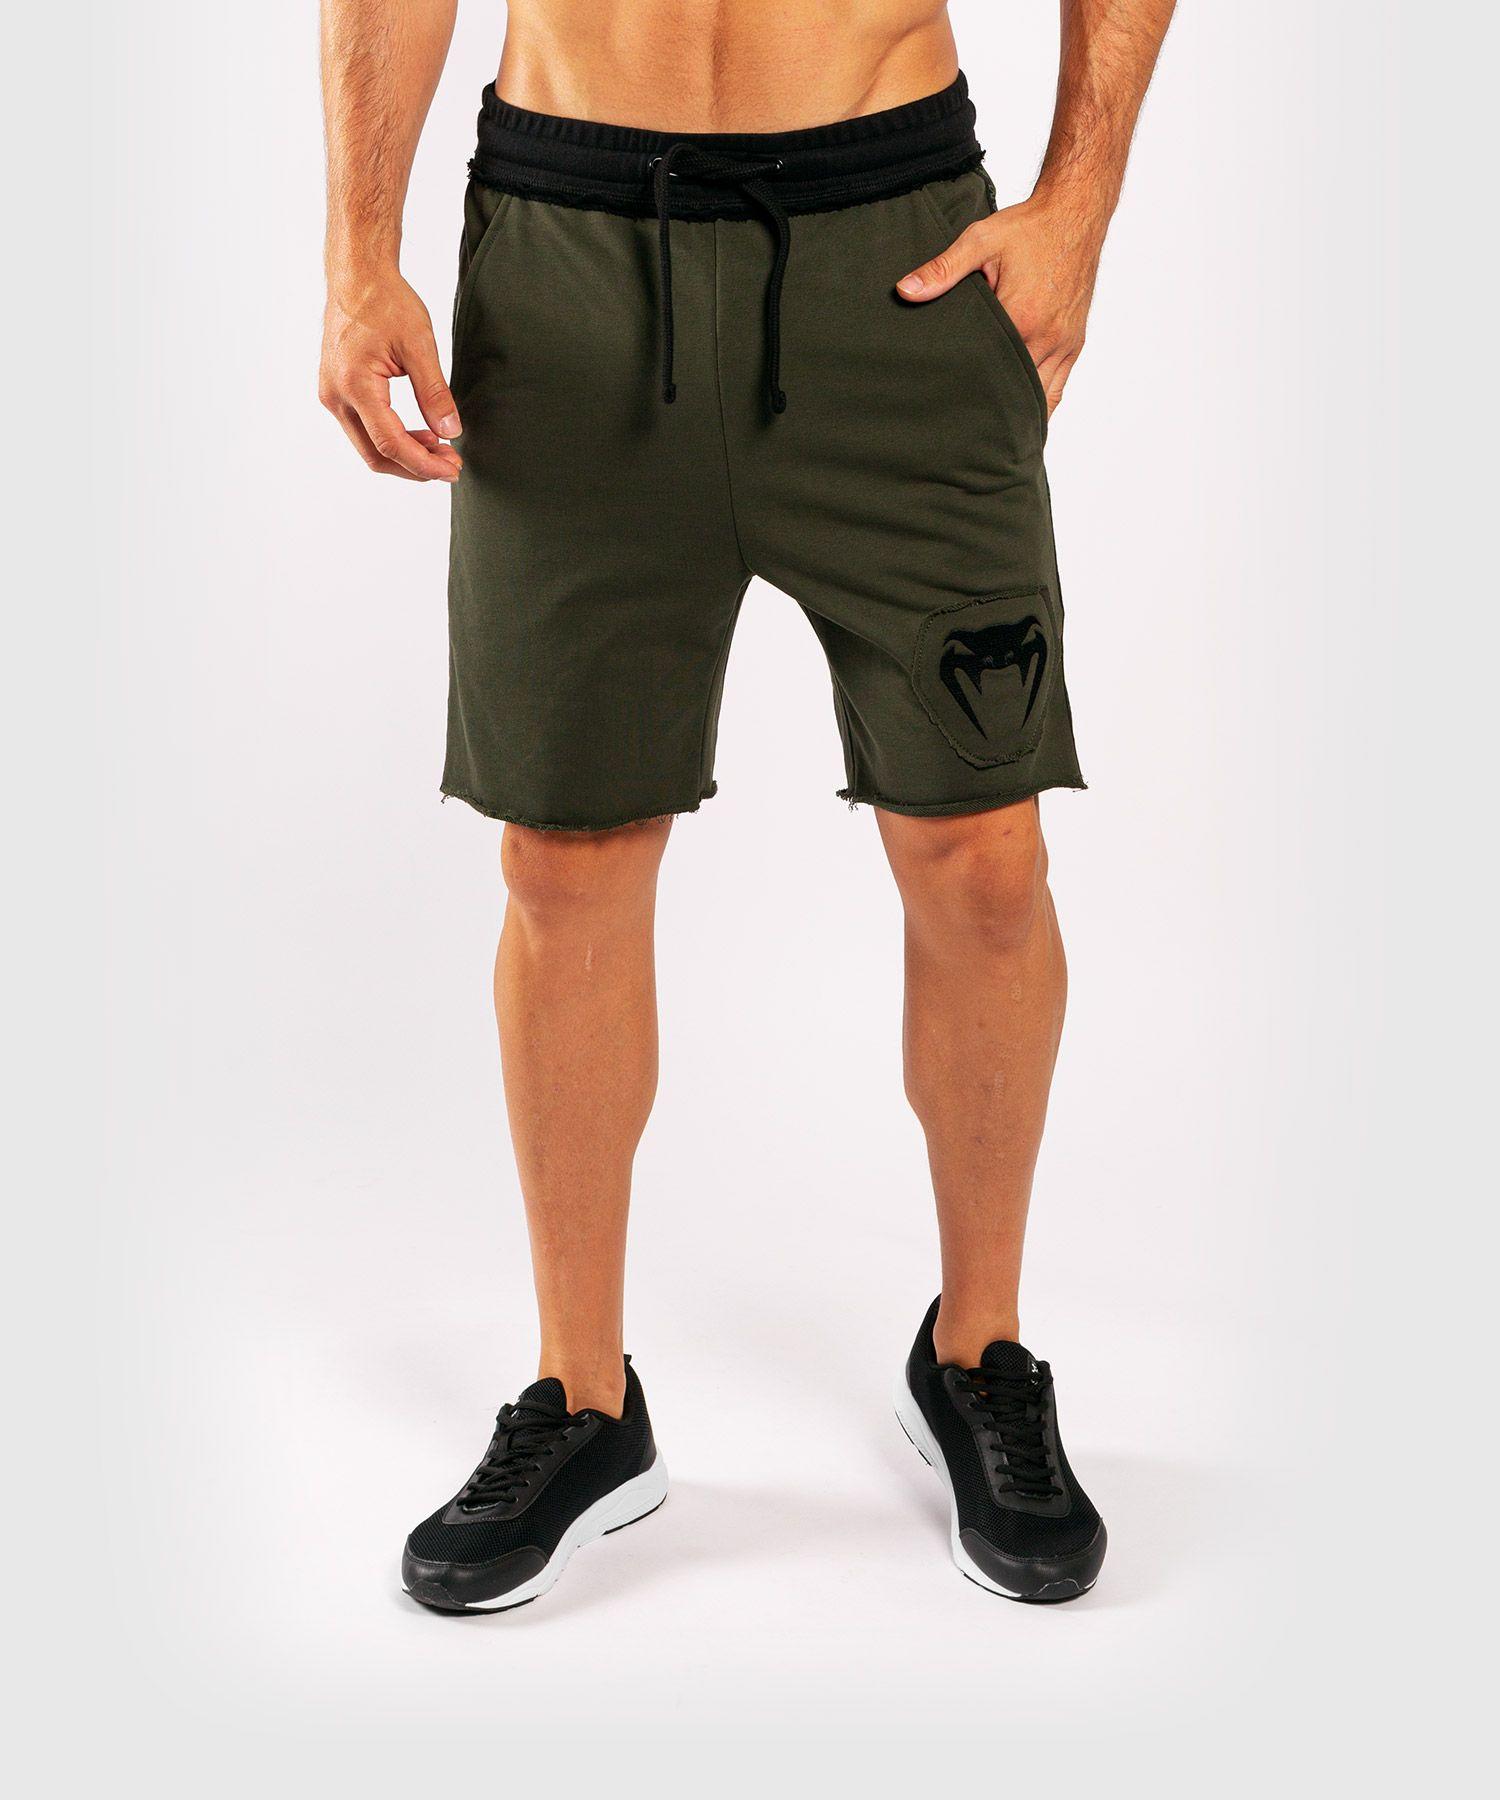 Venum Cutback 2.0 katoenen shorts - Kaki/Zwart